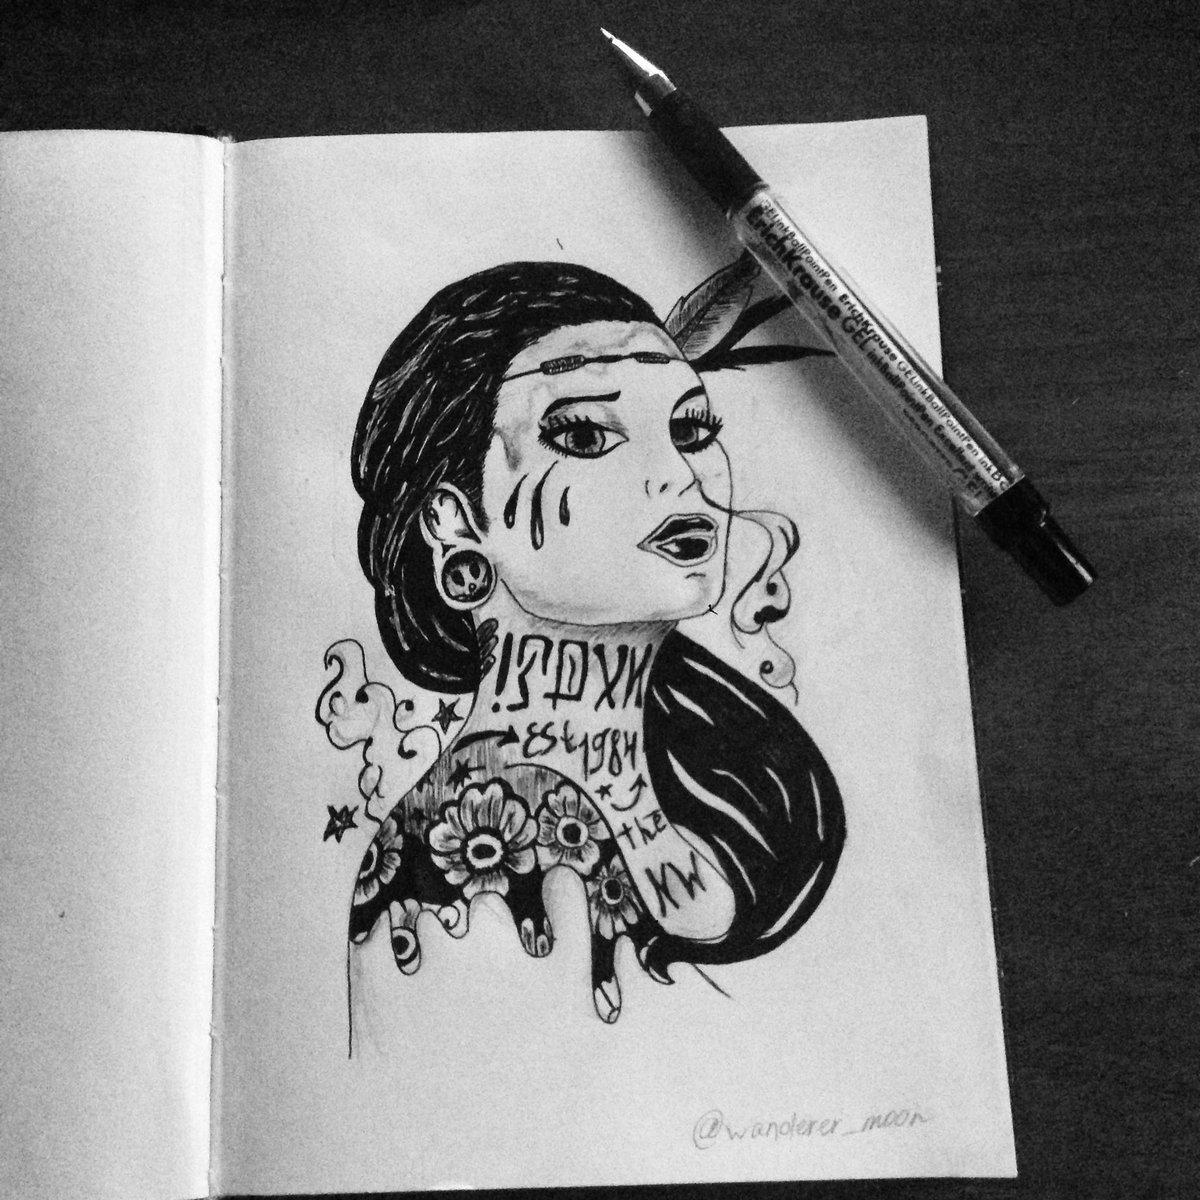 Прикольные рисунки черной гелевой ручкой на бумаге